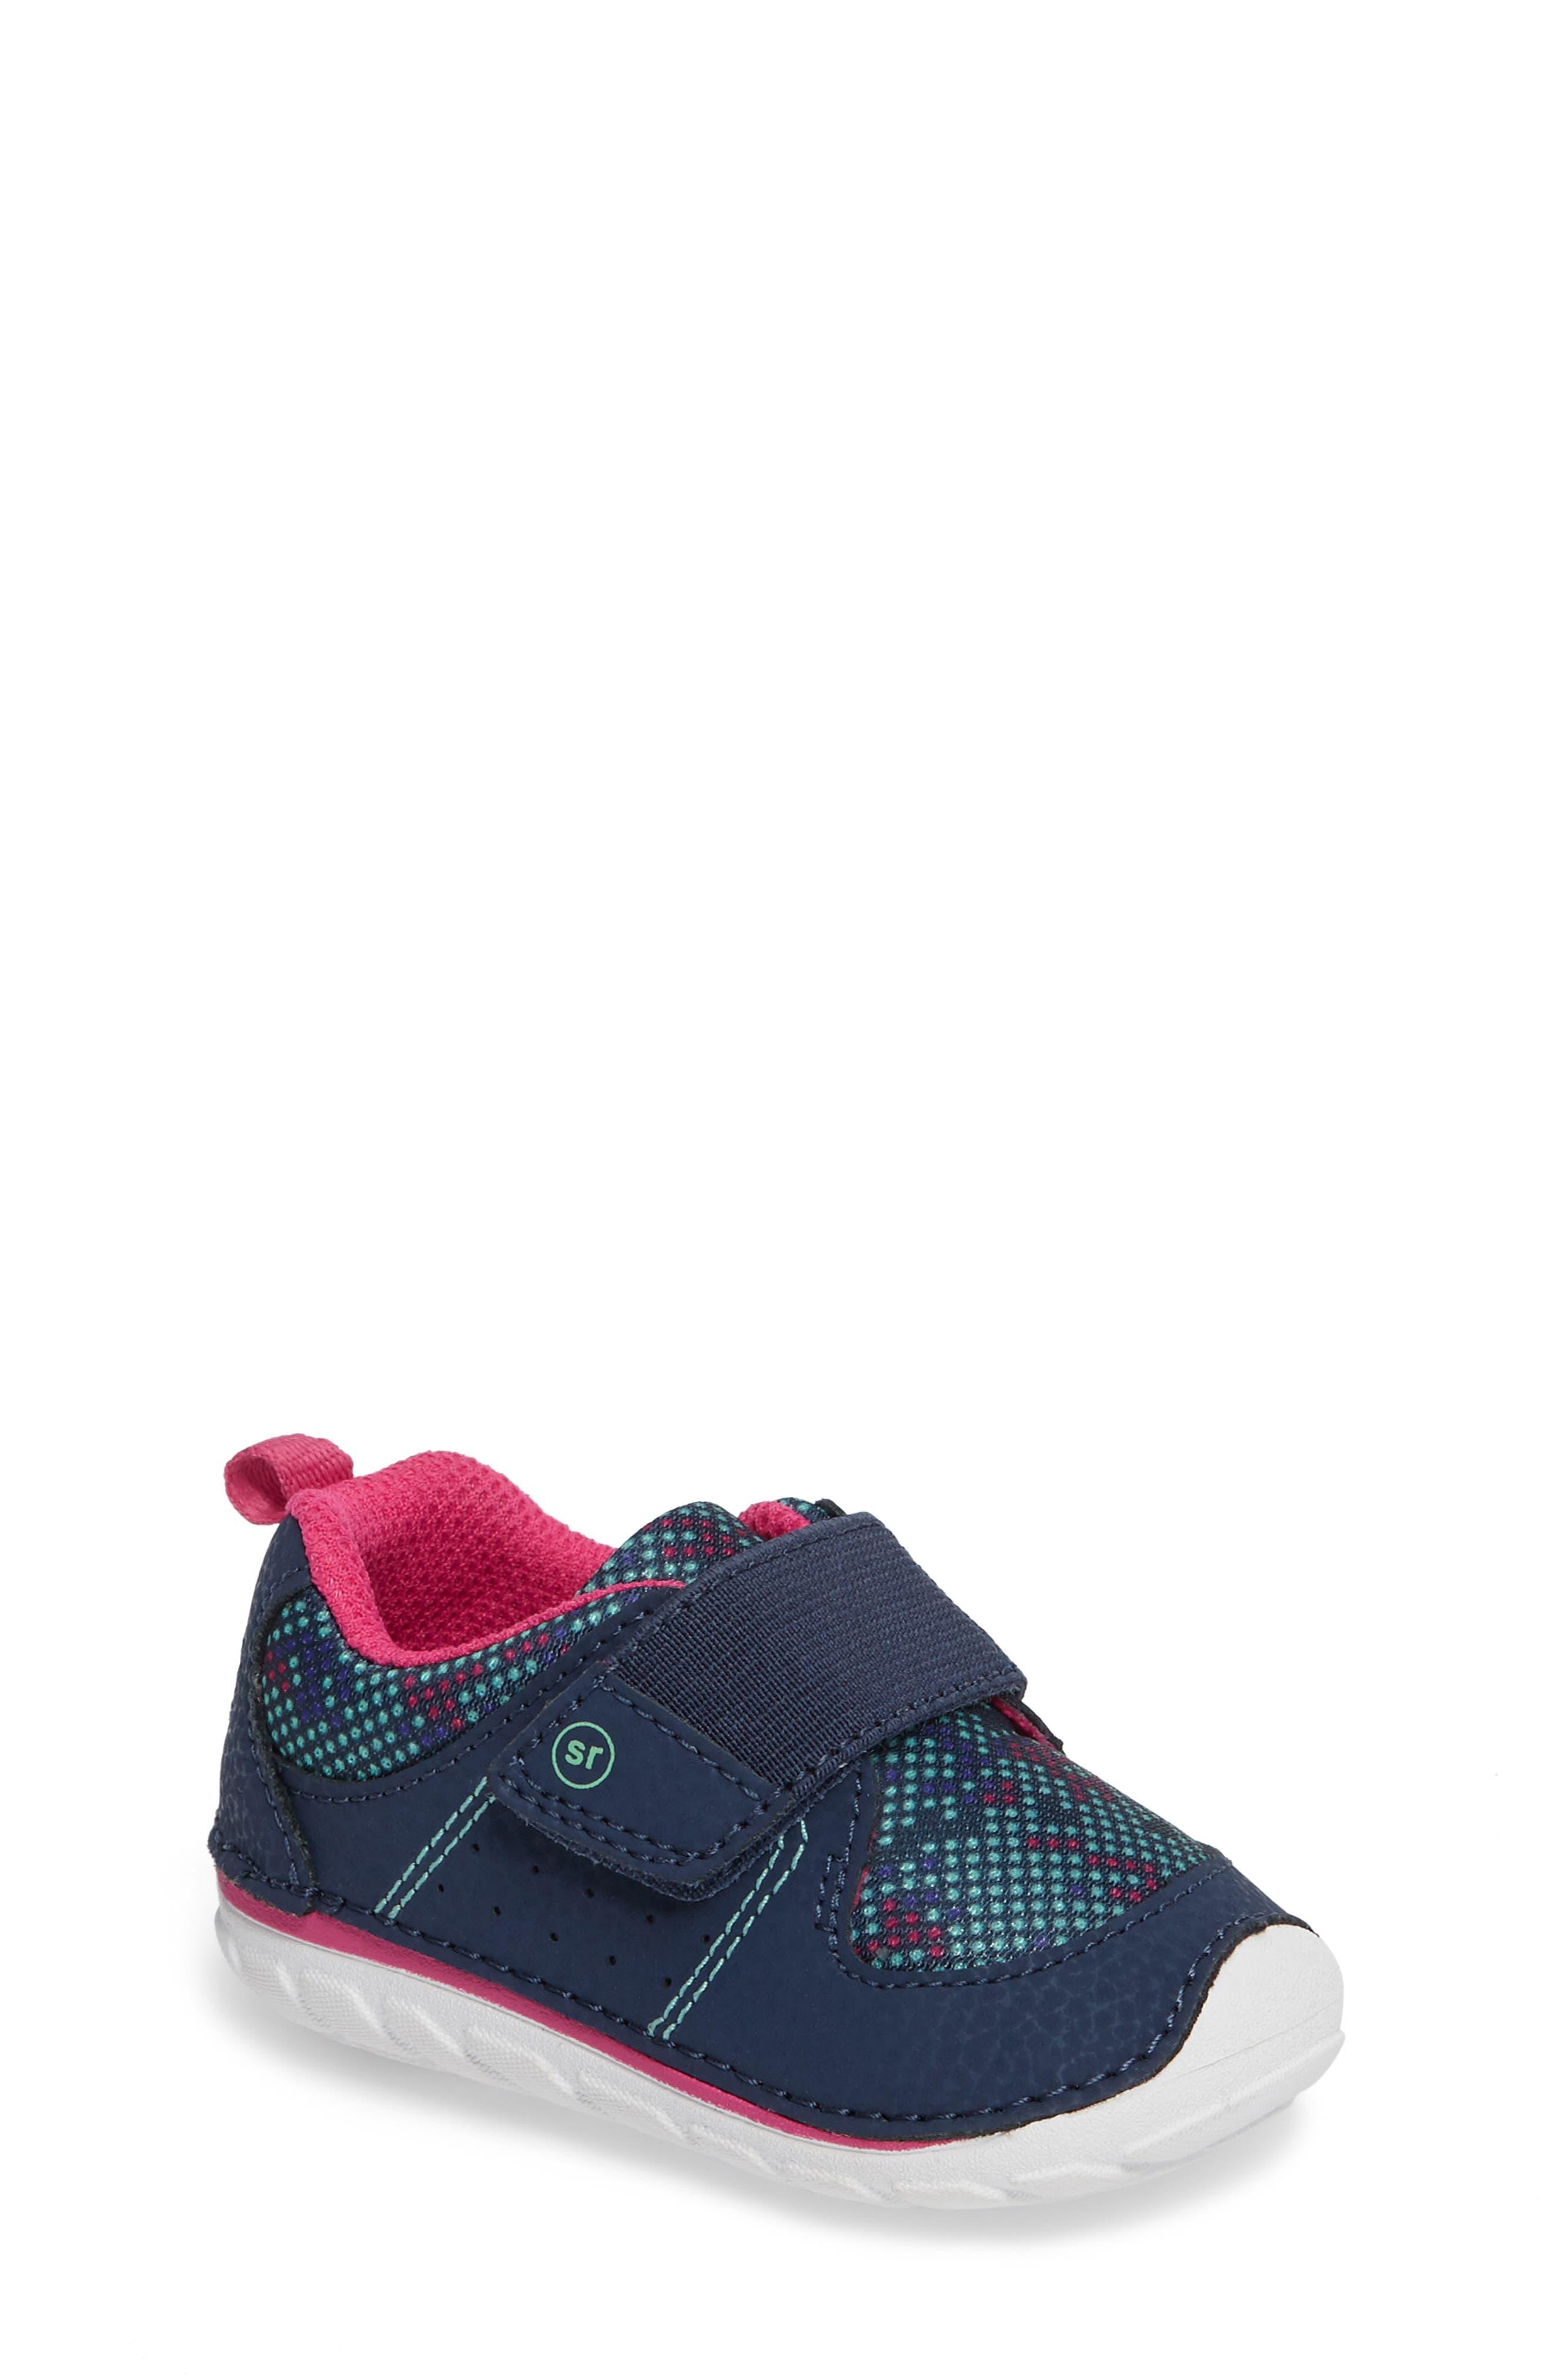 Stride Rite Soft Motion™ Ripley Sneaker (Baby & Walker)